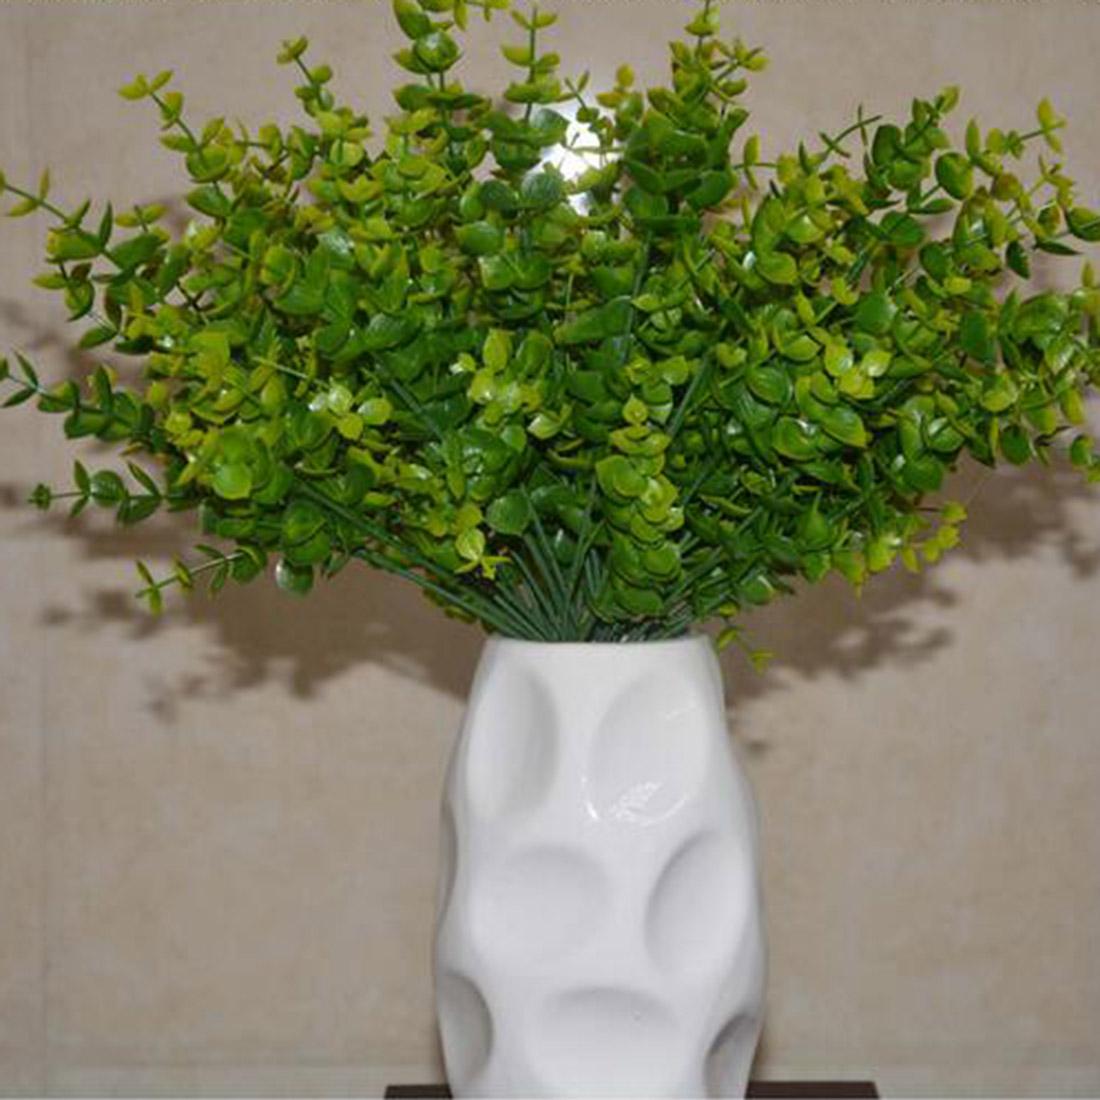 fresco branches nueva moda manojo artificial eucalyptus hierba hojas verdes plantas de decoracin